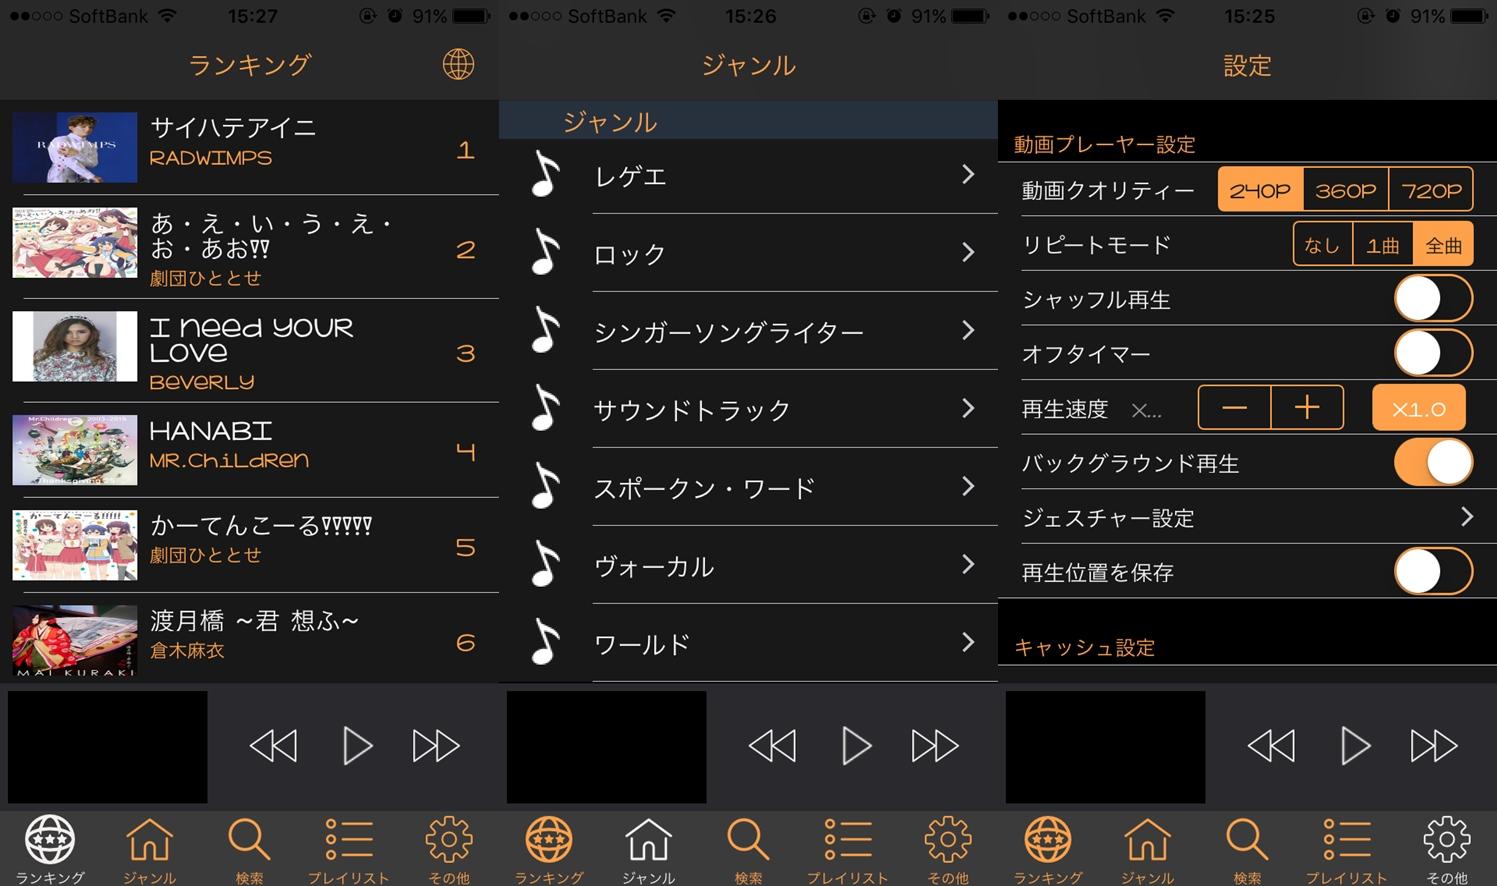 人気ナンバーワンのバックグラウンド再生ができるアプリ 音楽動画プレイヤー for You Tube